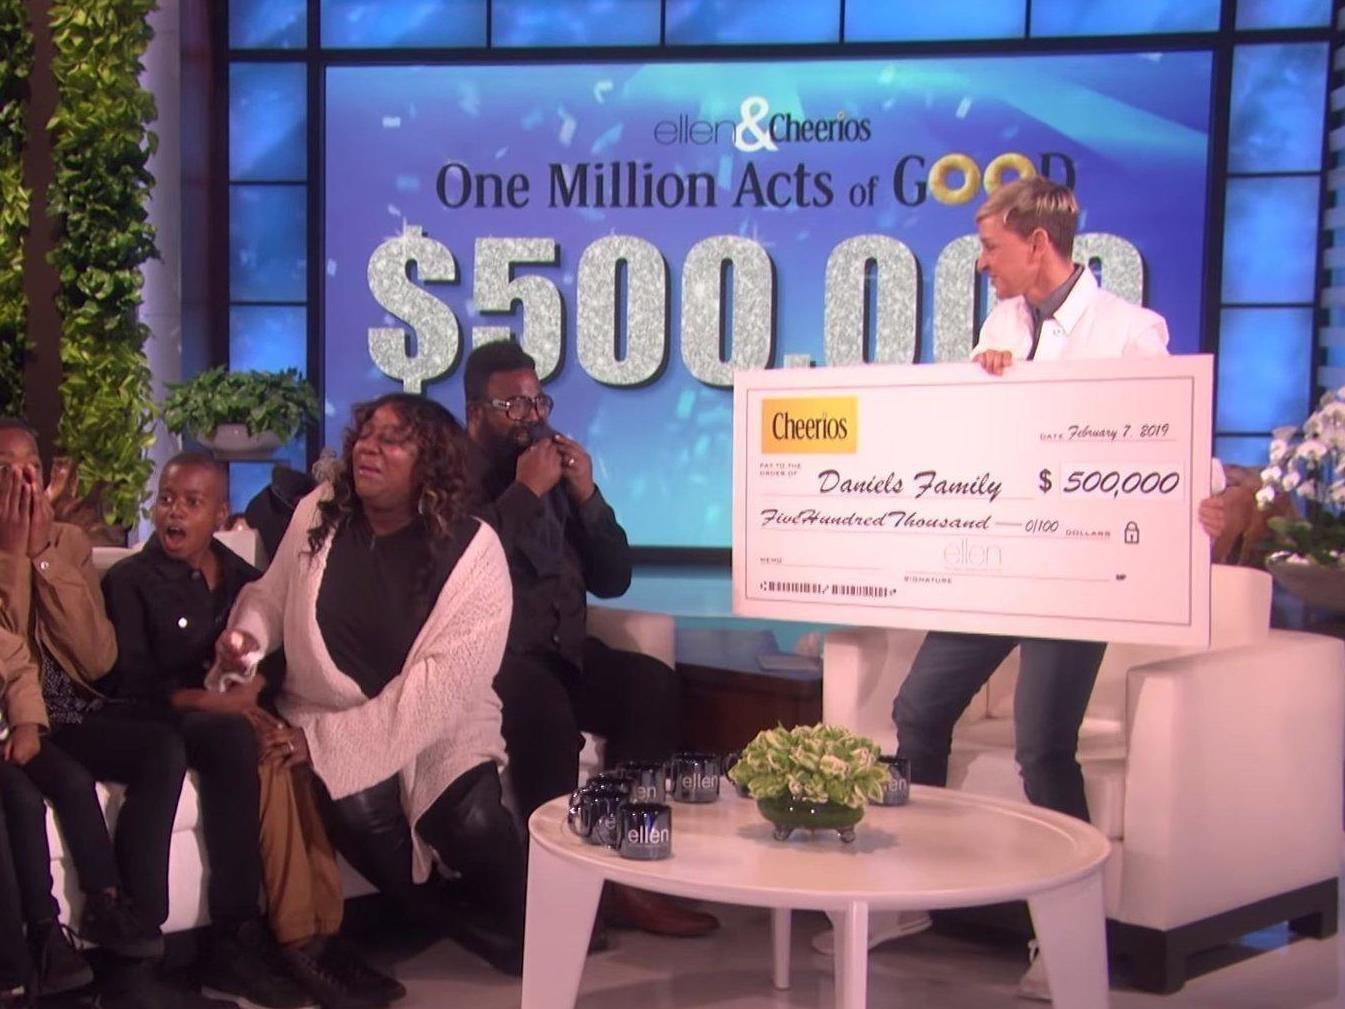 Η Έλεν Ντε Τζένερις έδωσε 1 εκατ. δολάρια σε οικογένεια τηλεθεατών